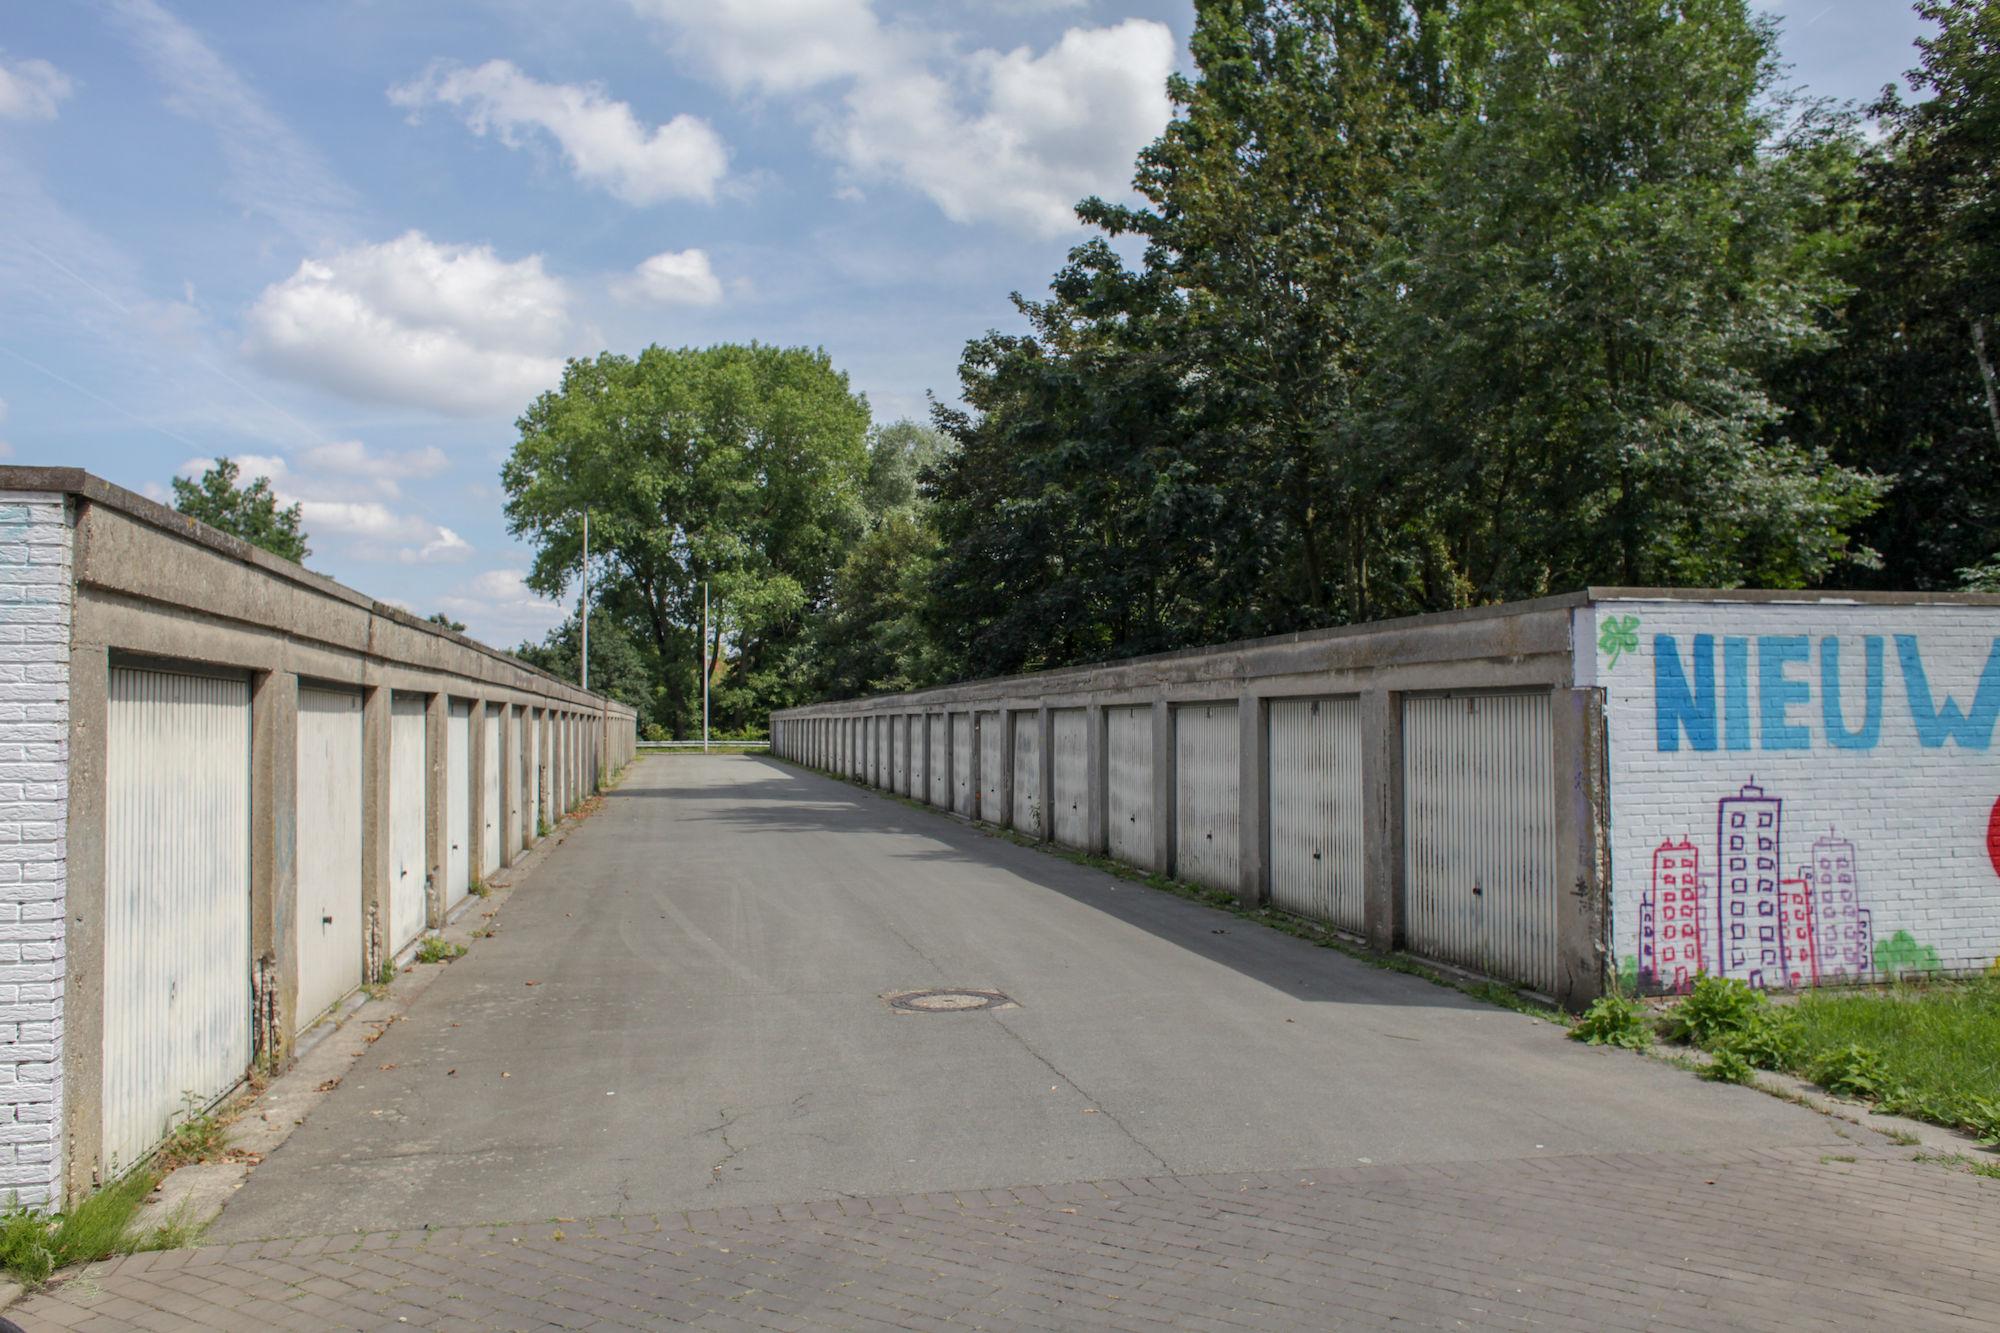 2019-07-01 Nieuw Gent prospectie met Wannes_stadsvernieuwing_IMG_0258-3.jpg